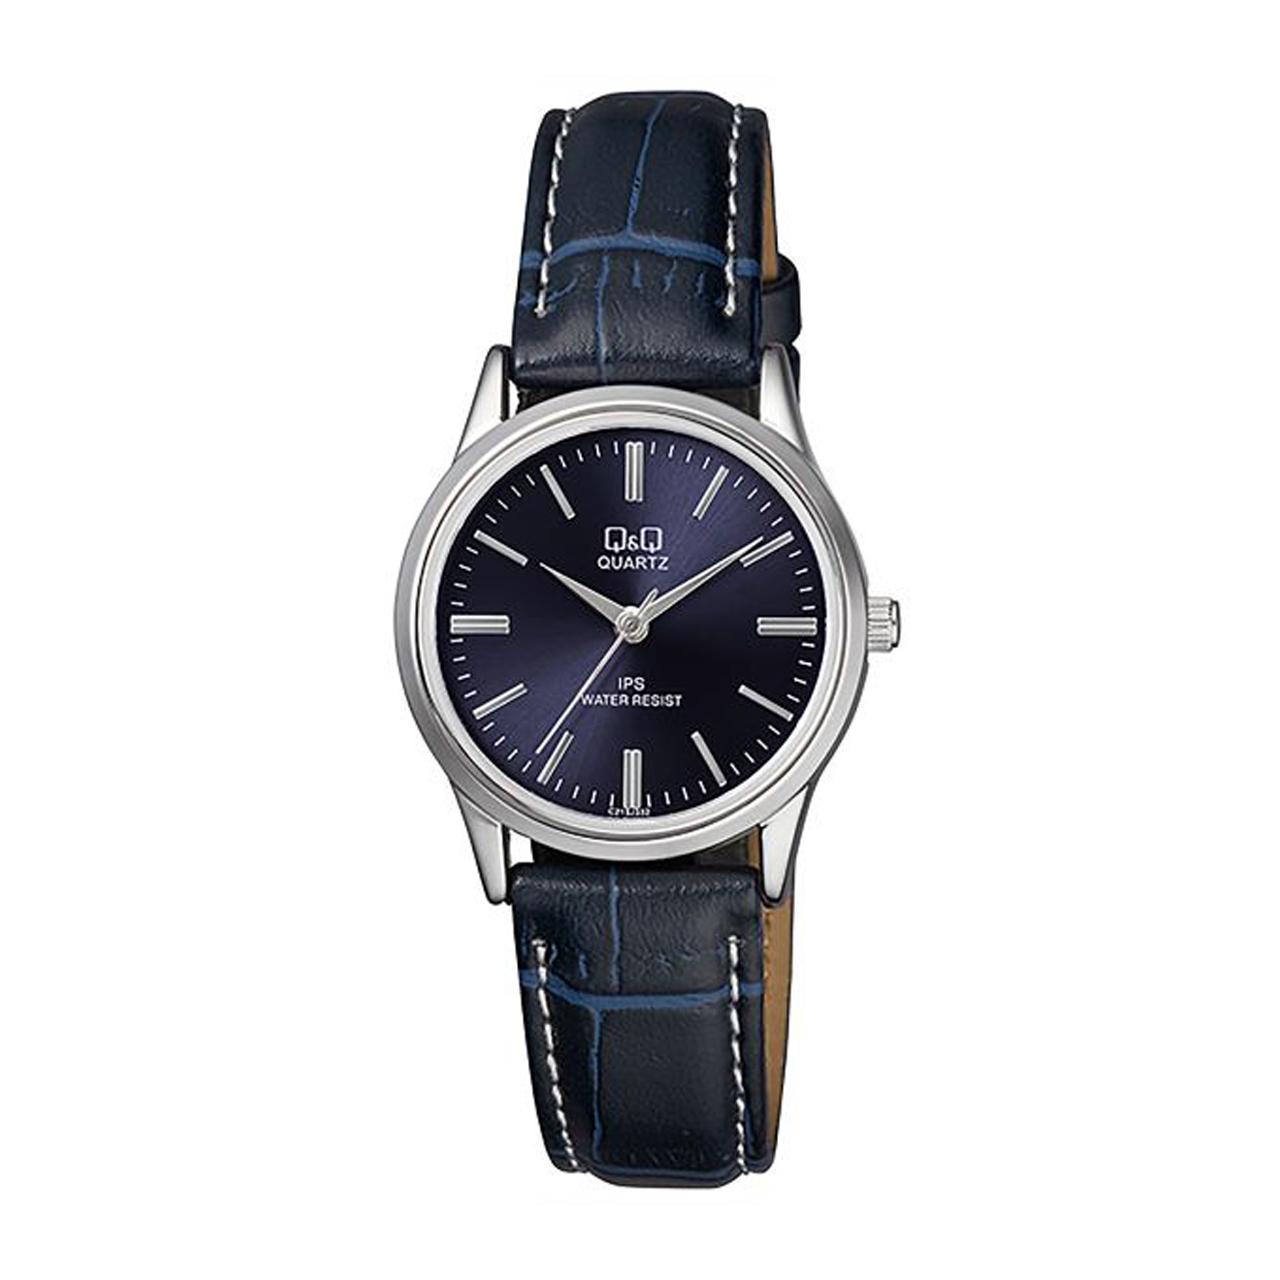 ساعت مچی عقربه ای زنانه کیو اند کیو مدل c215j332